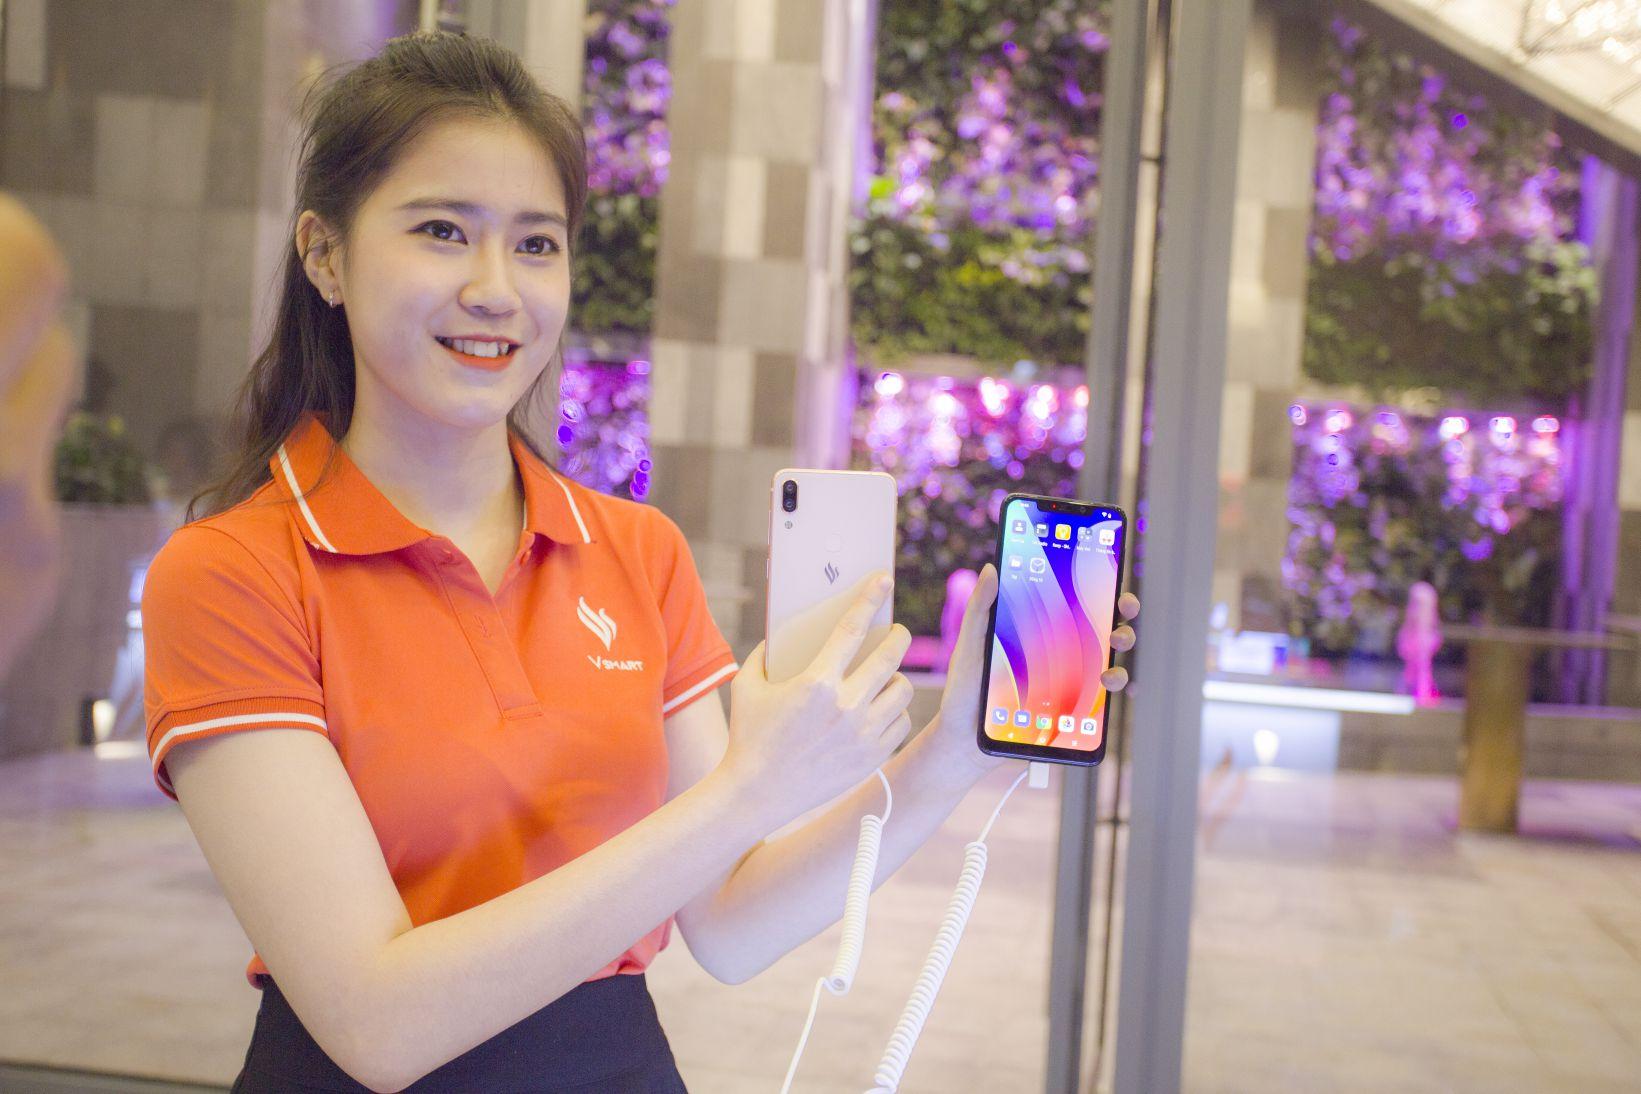 Vingroup chính thức ra mắt 4 smartphone đầu tiên của VSmart hình 1